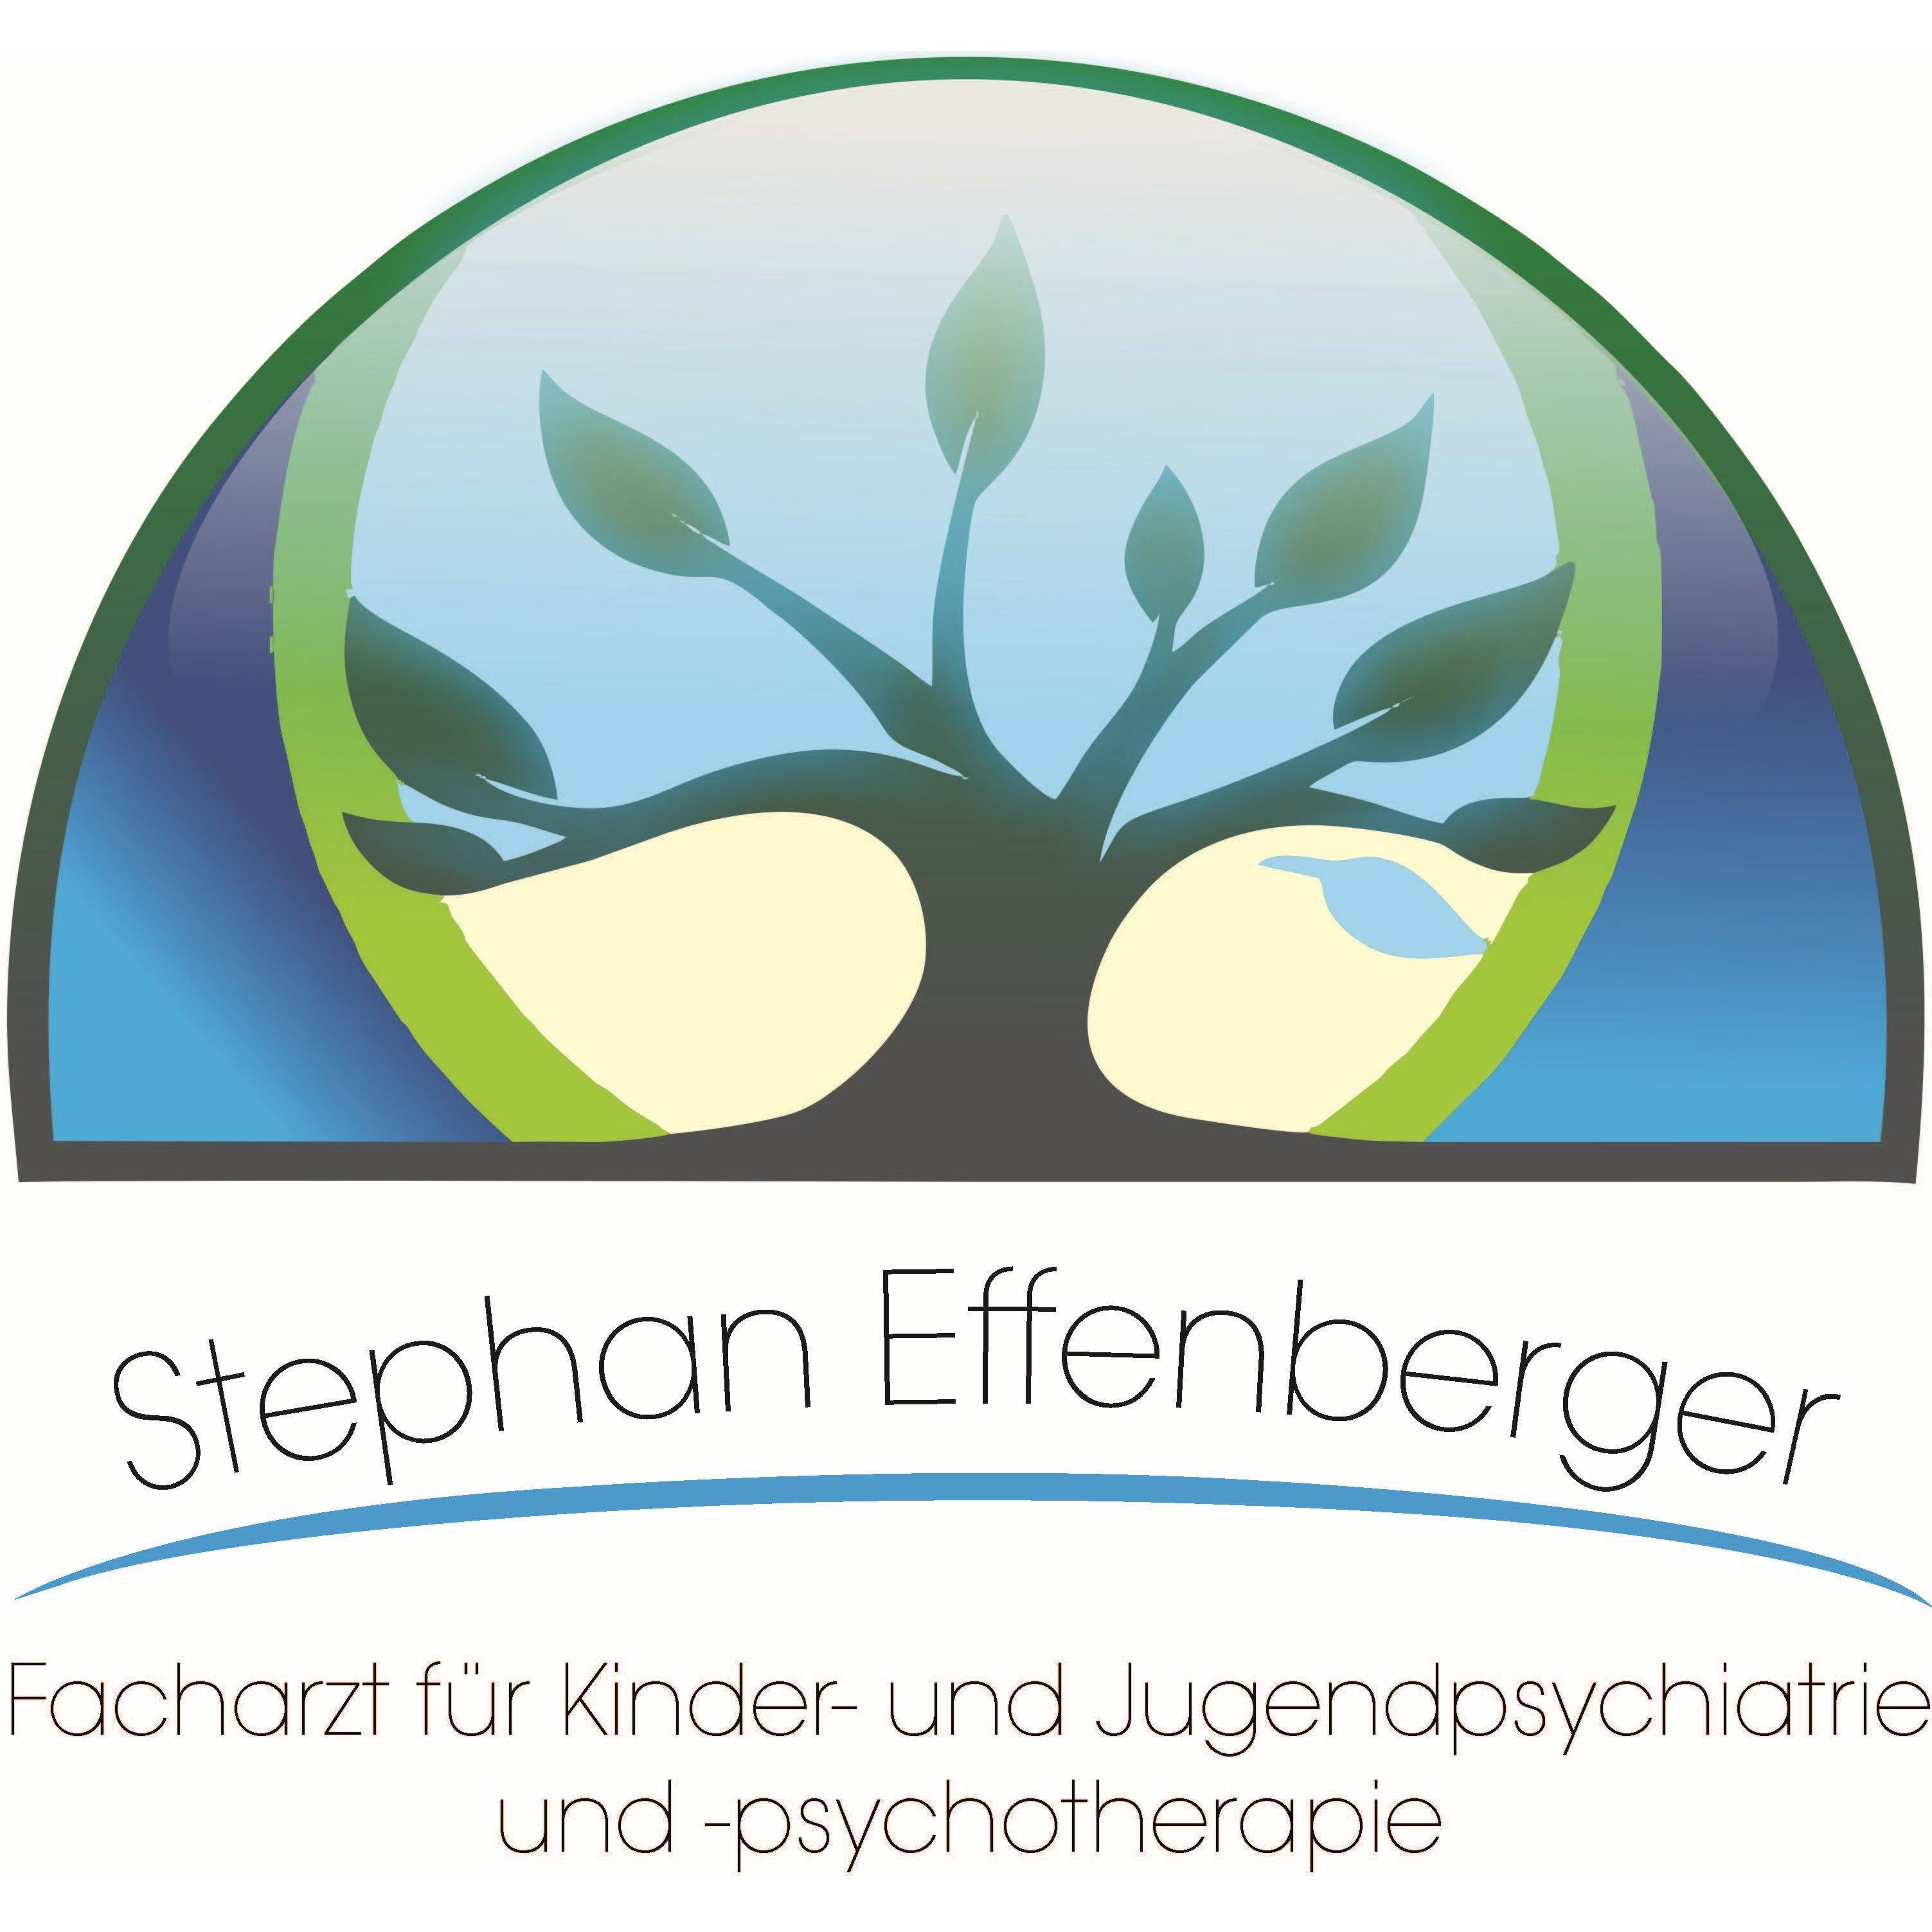 Bild zu Stephan Effenberger Facharzt für Kinder- und Jugendpsychiatrie und -psychotherapie in Mühldorf am Inn